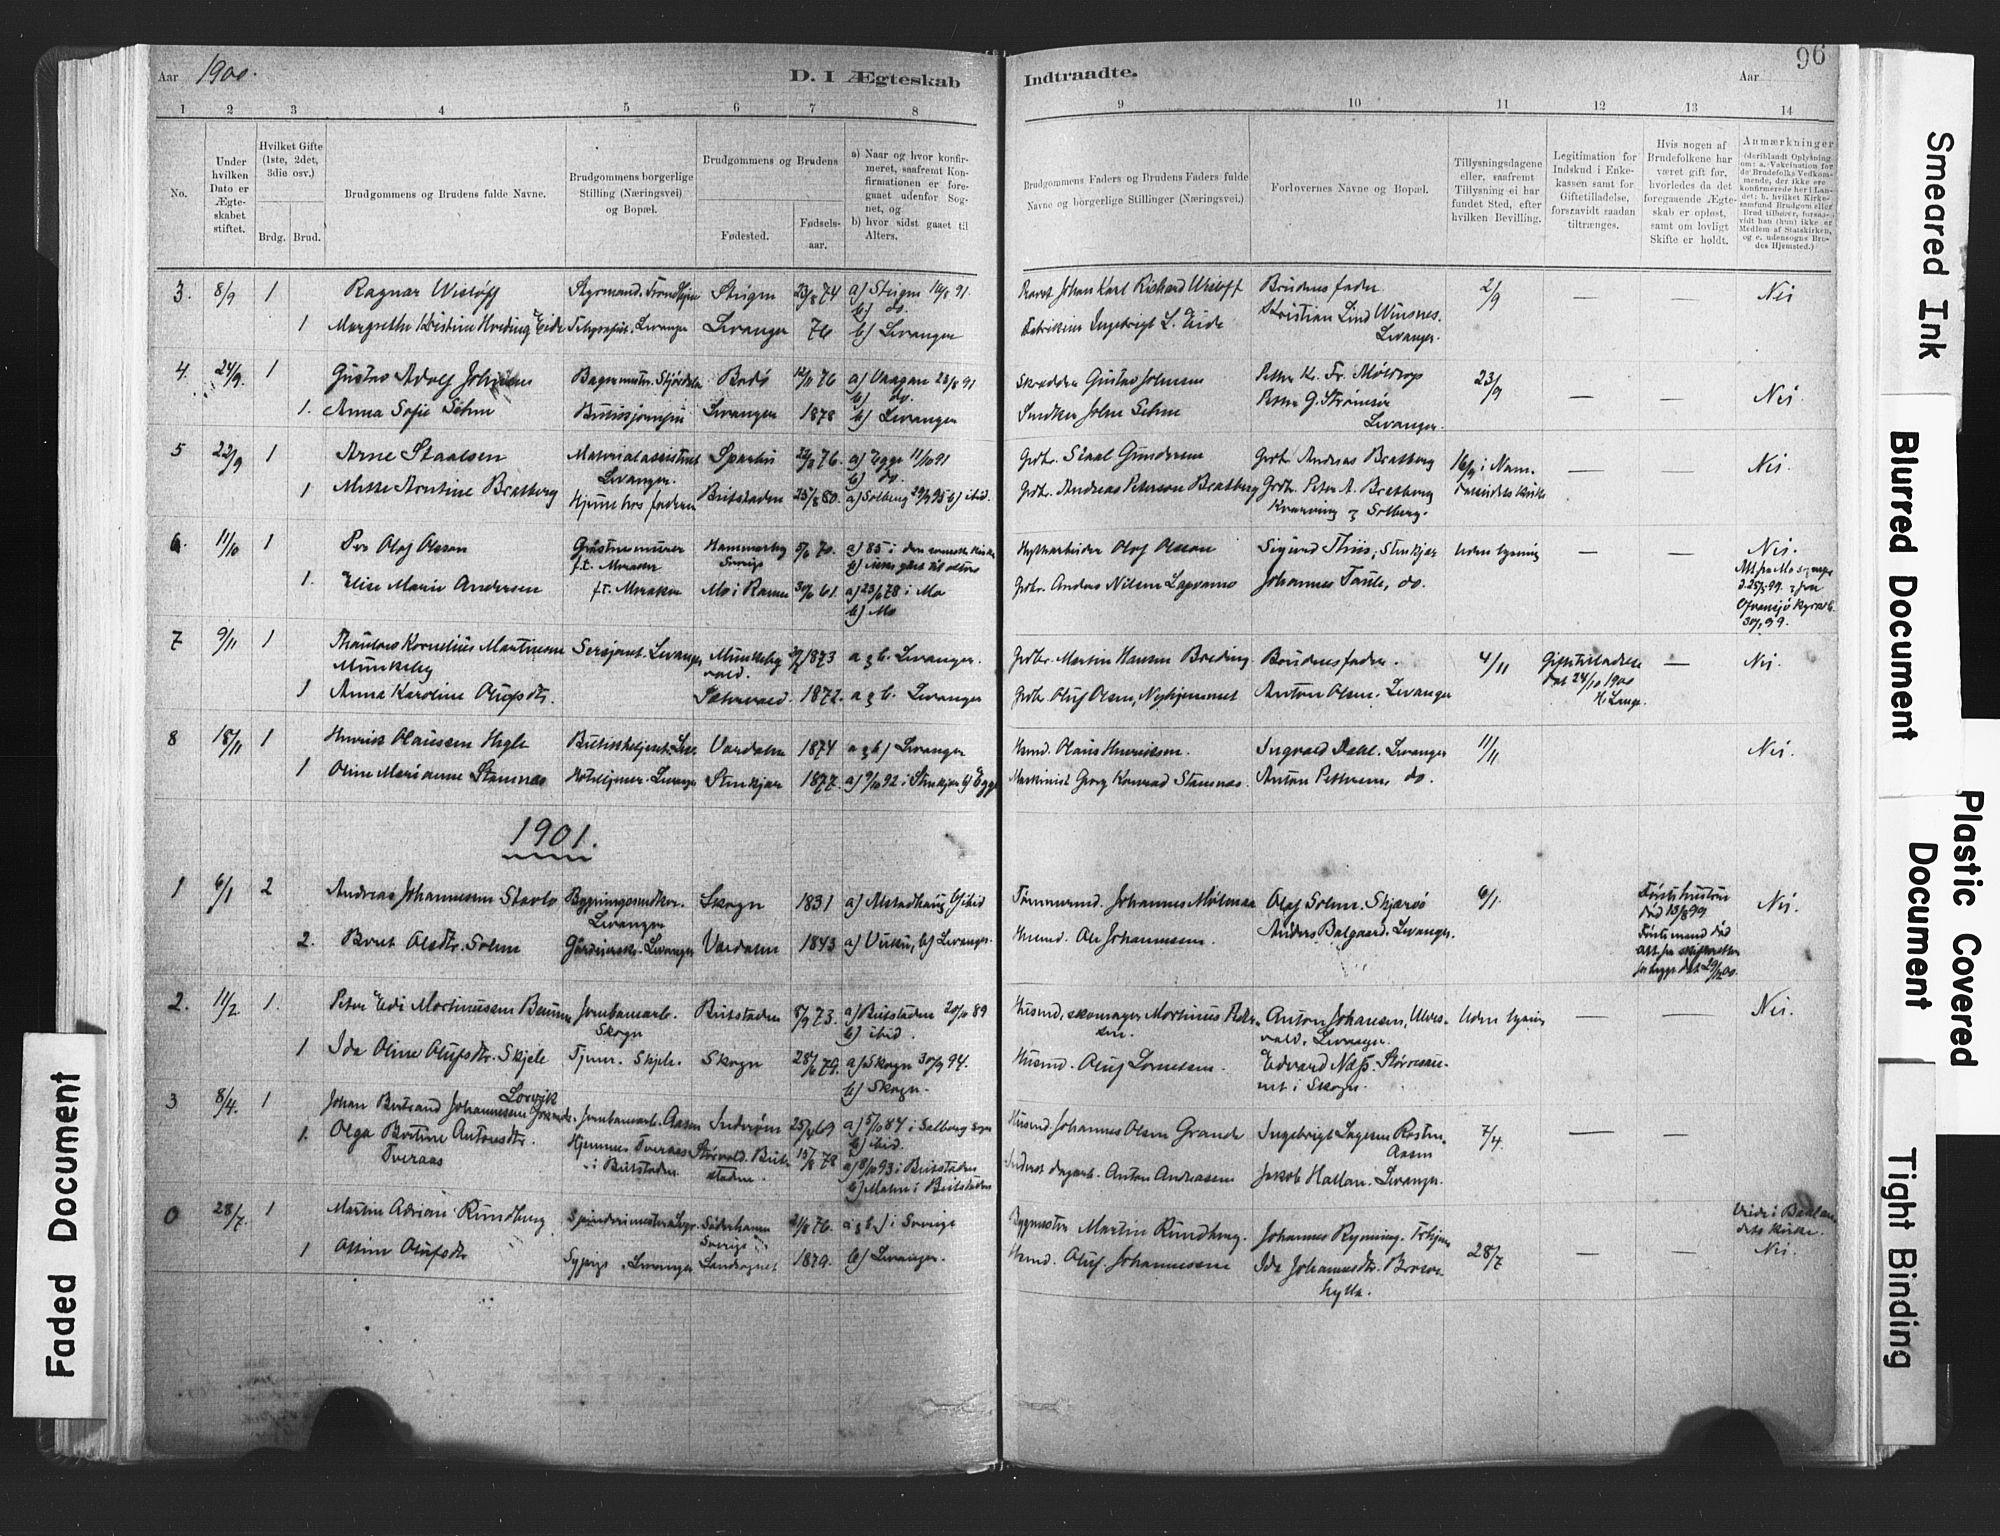 SAT, Ministerialprotokoller, klokkerbøker og fødselsregistre - Nord-Trøndelag, 720/L0189: Ministerialbok nr. 720A05, 1880-1911, s. 96